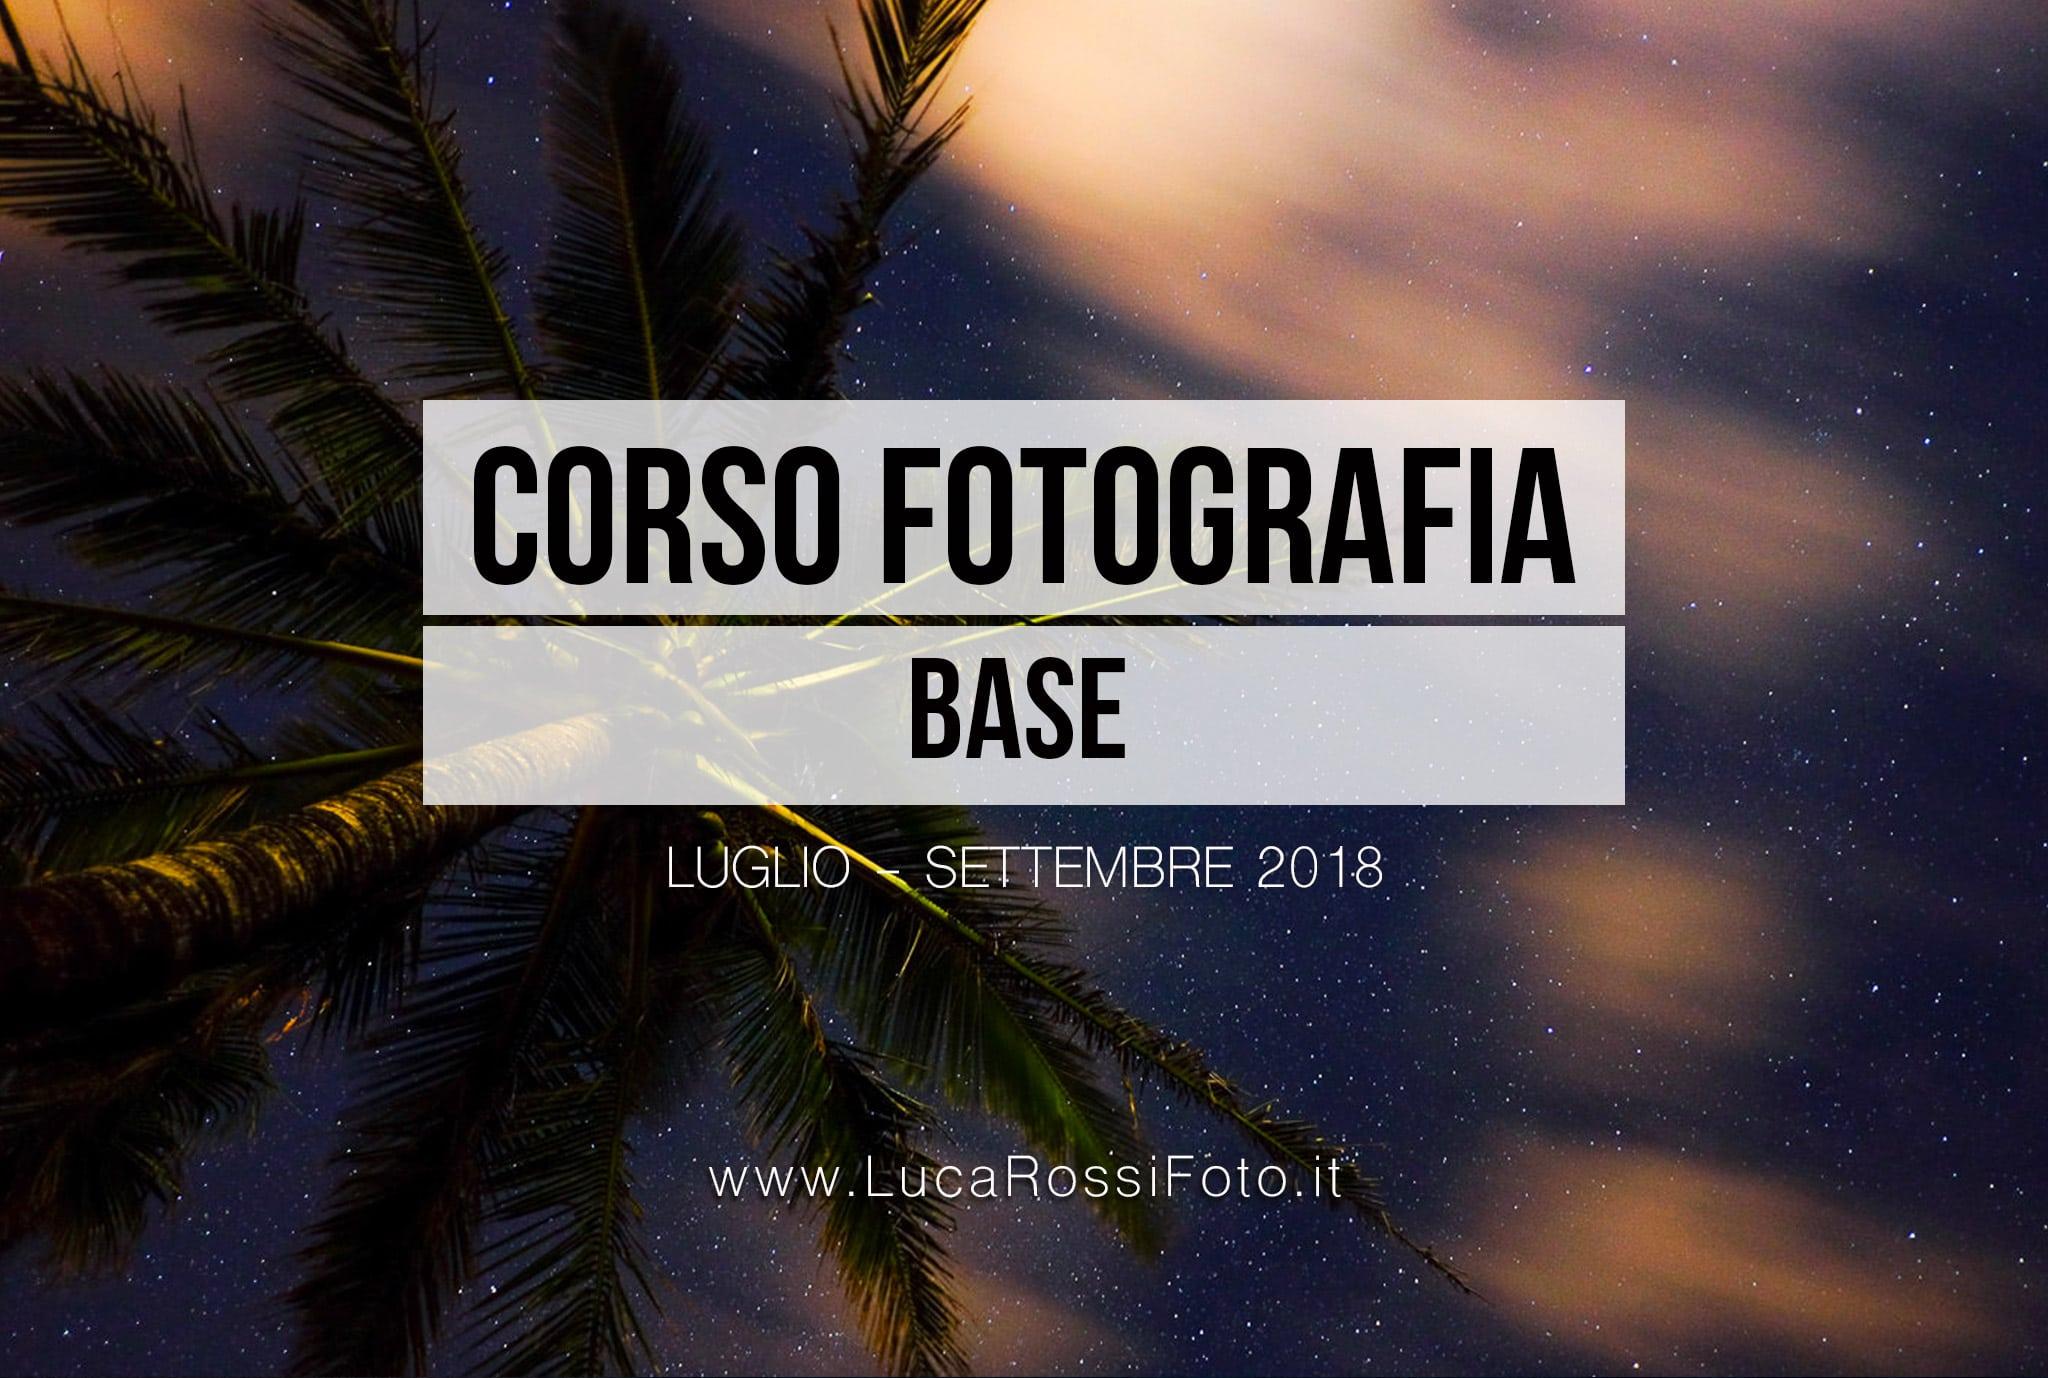 CORSO FOTOGRAFIA BASE VIMERCATE